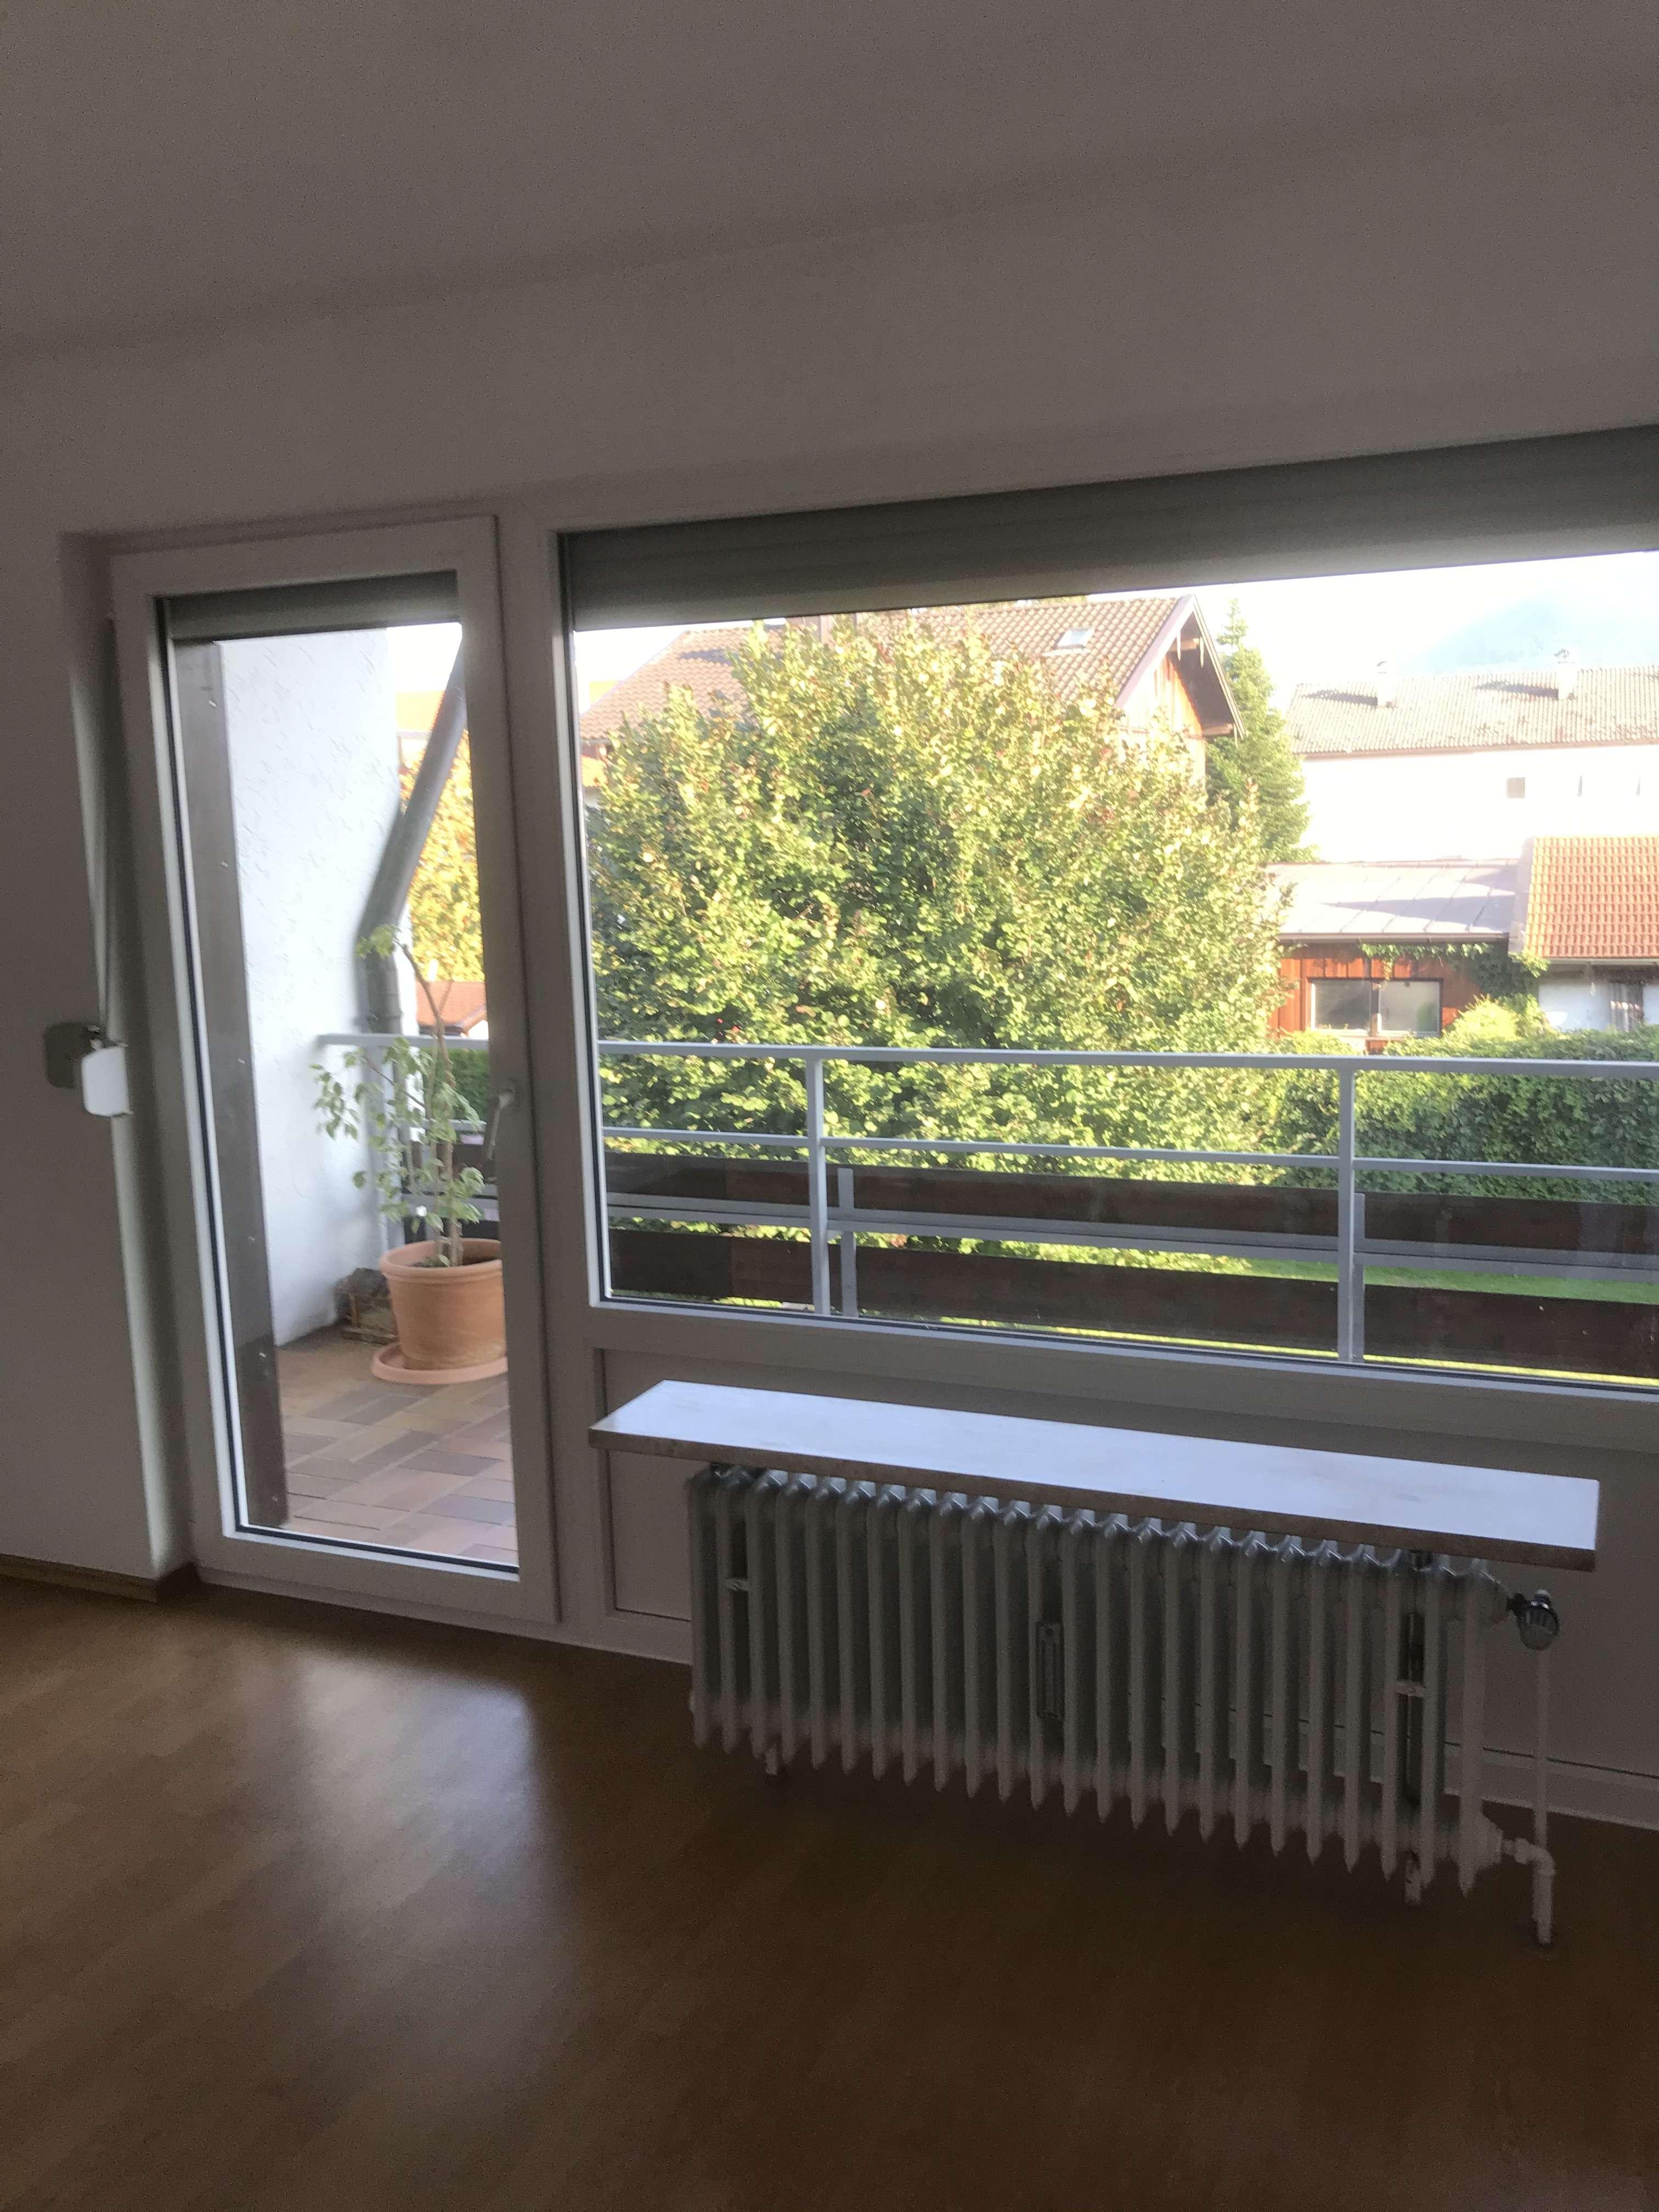 3-Zimmer-Etagen-Wohnung mit kl. neuw. Bad, WC extra und Südloggia. - max. 3 Personen in